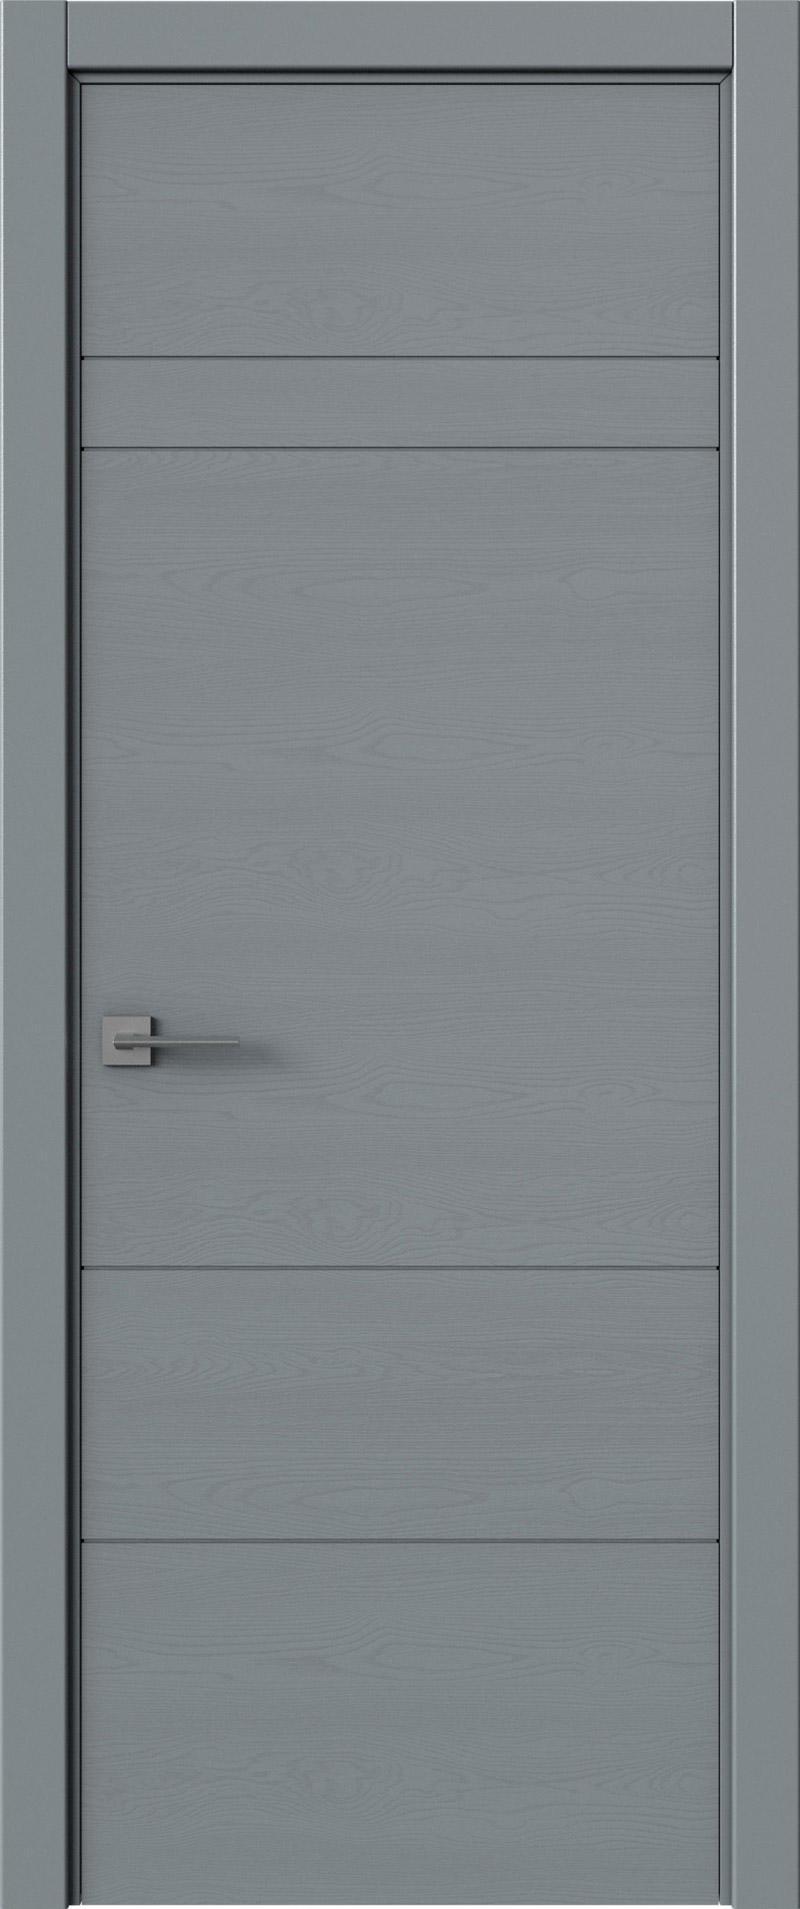 Tivoli К-2 цвет - Серебристо-серая эмаль по шпону (RAL 7045) Без стекла (ДГ)